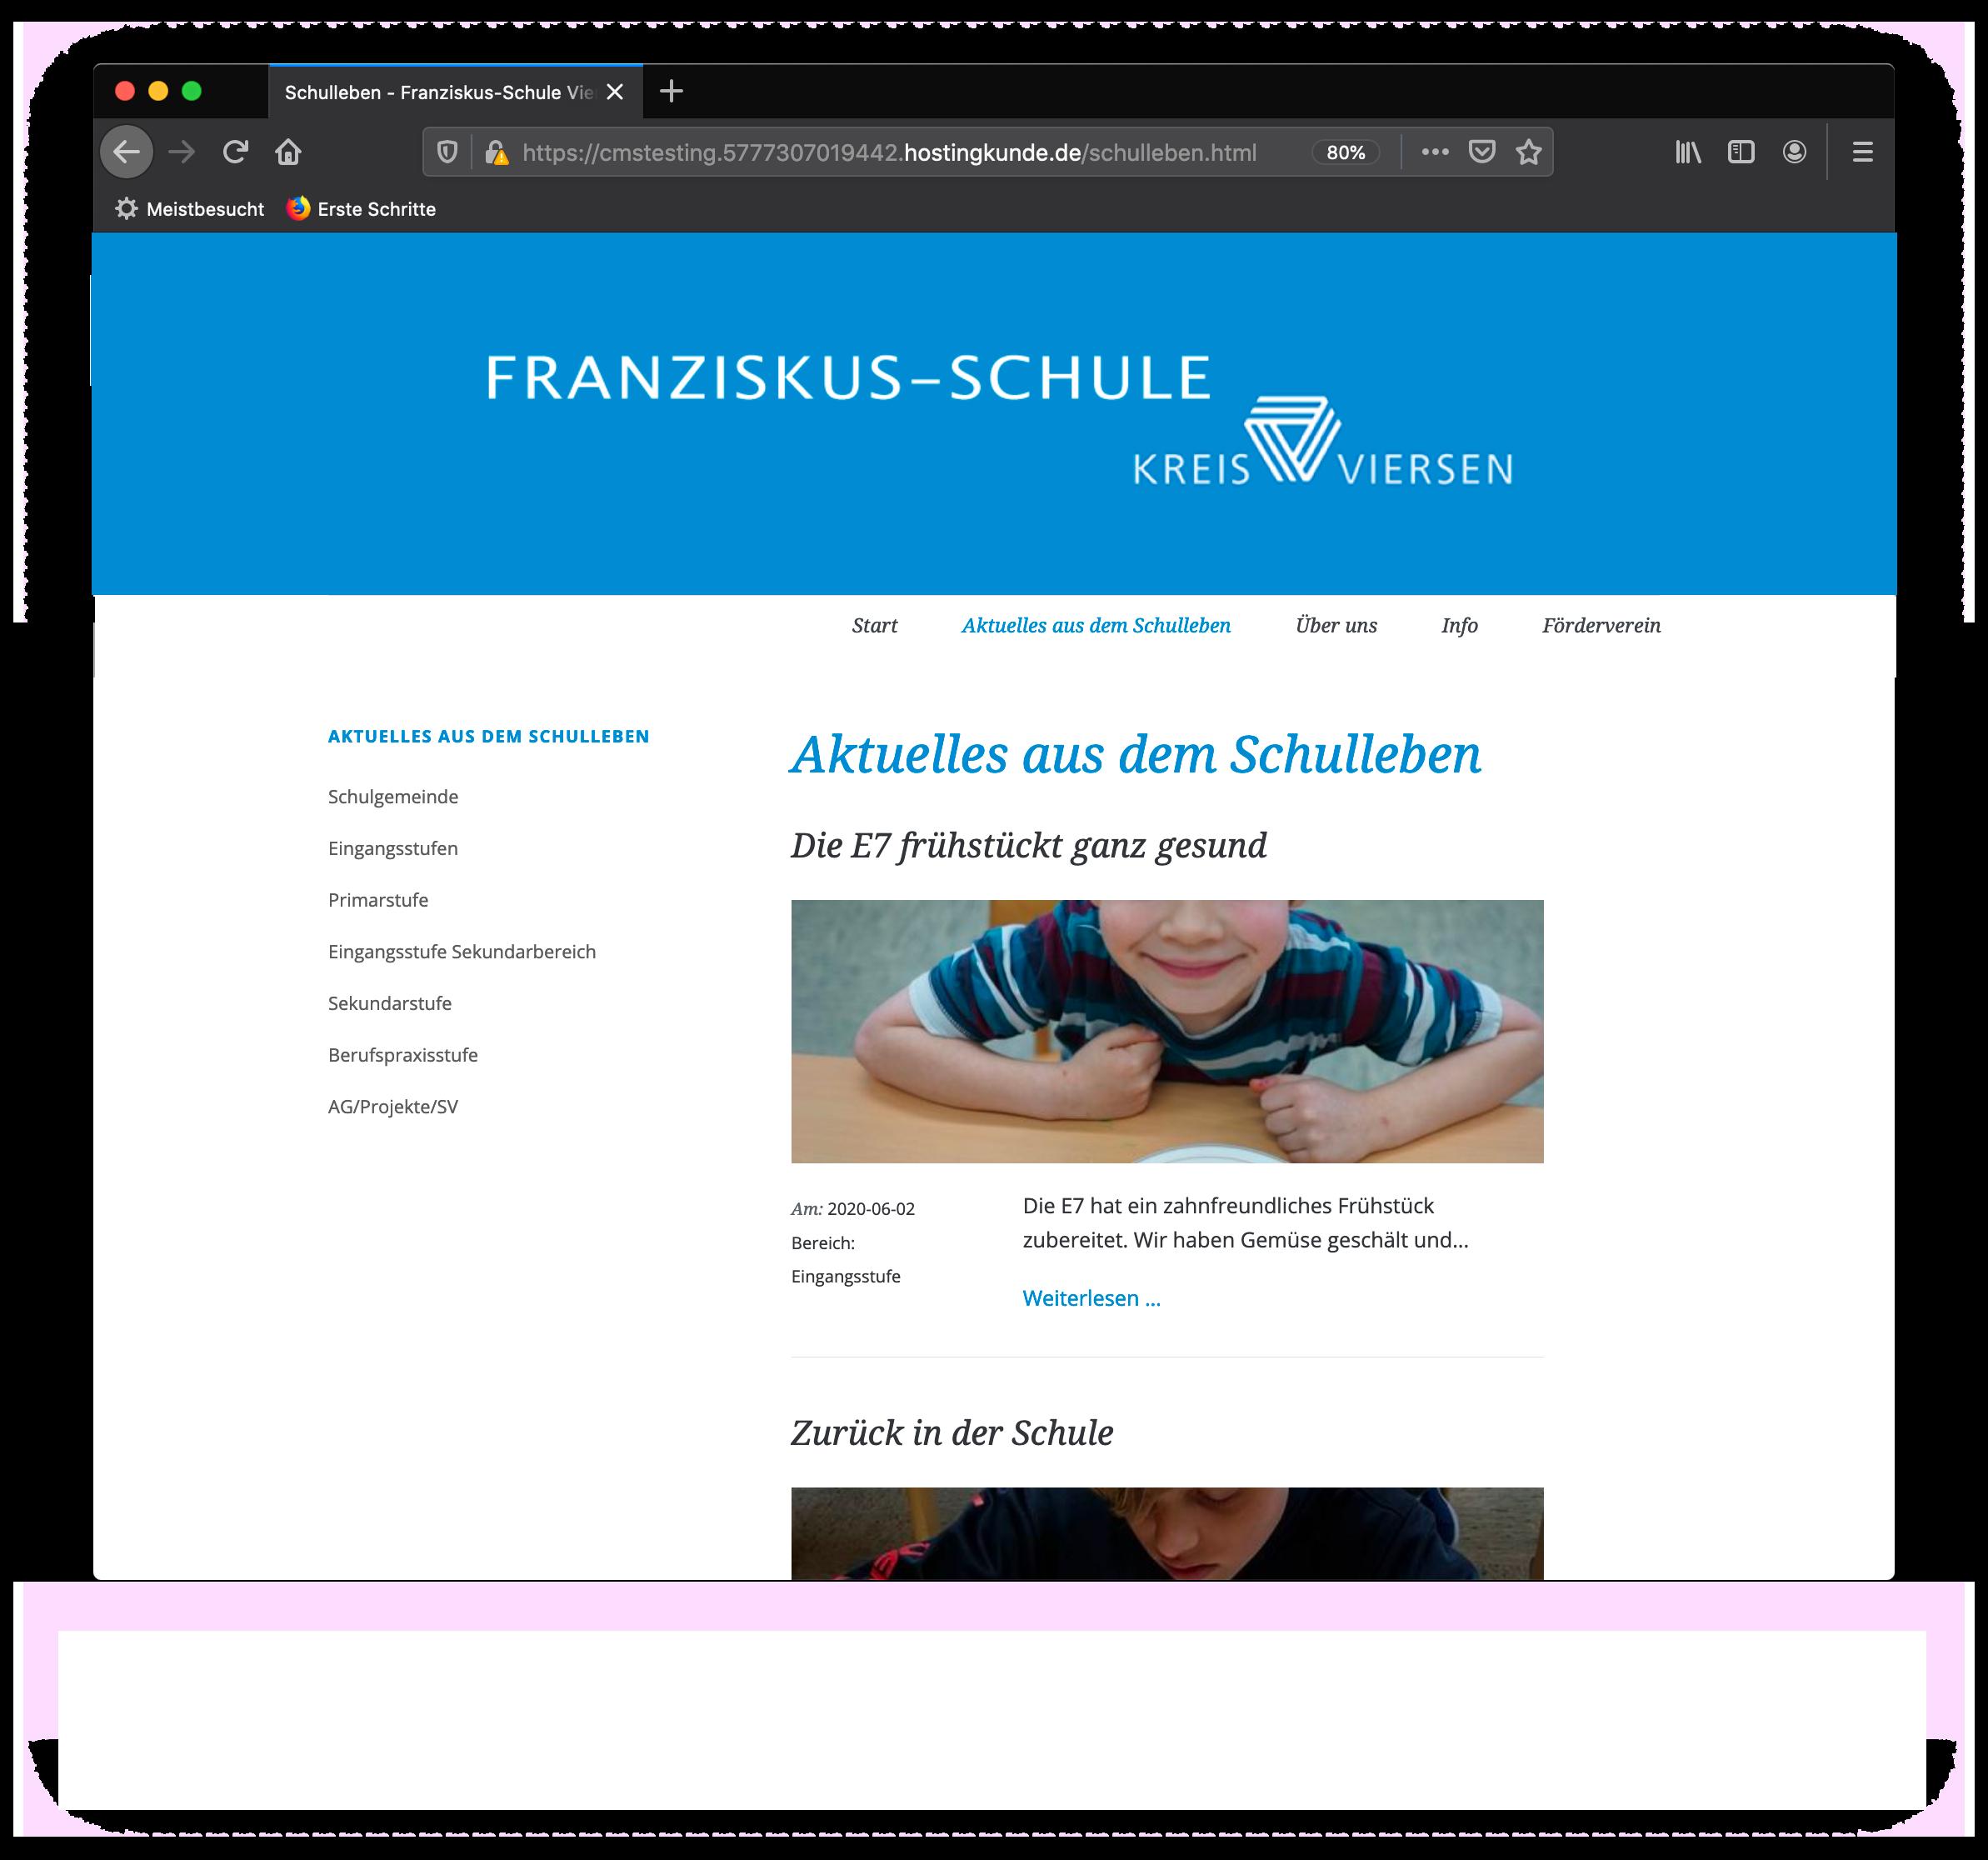 Fsv_header